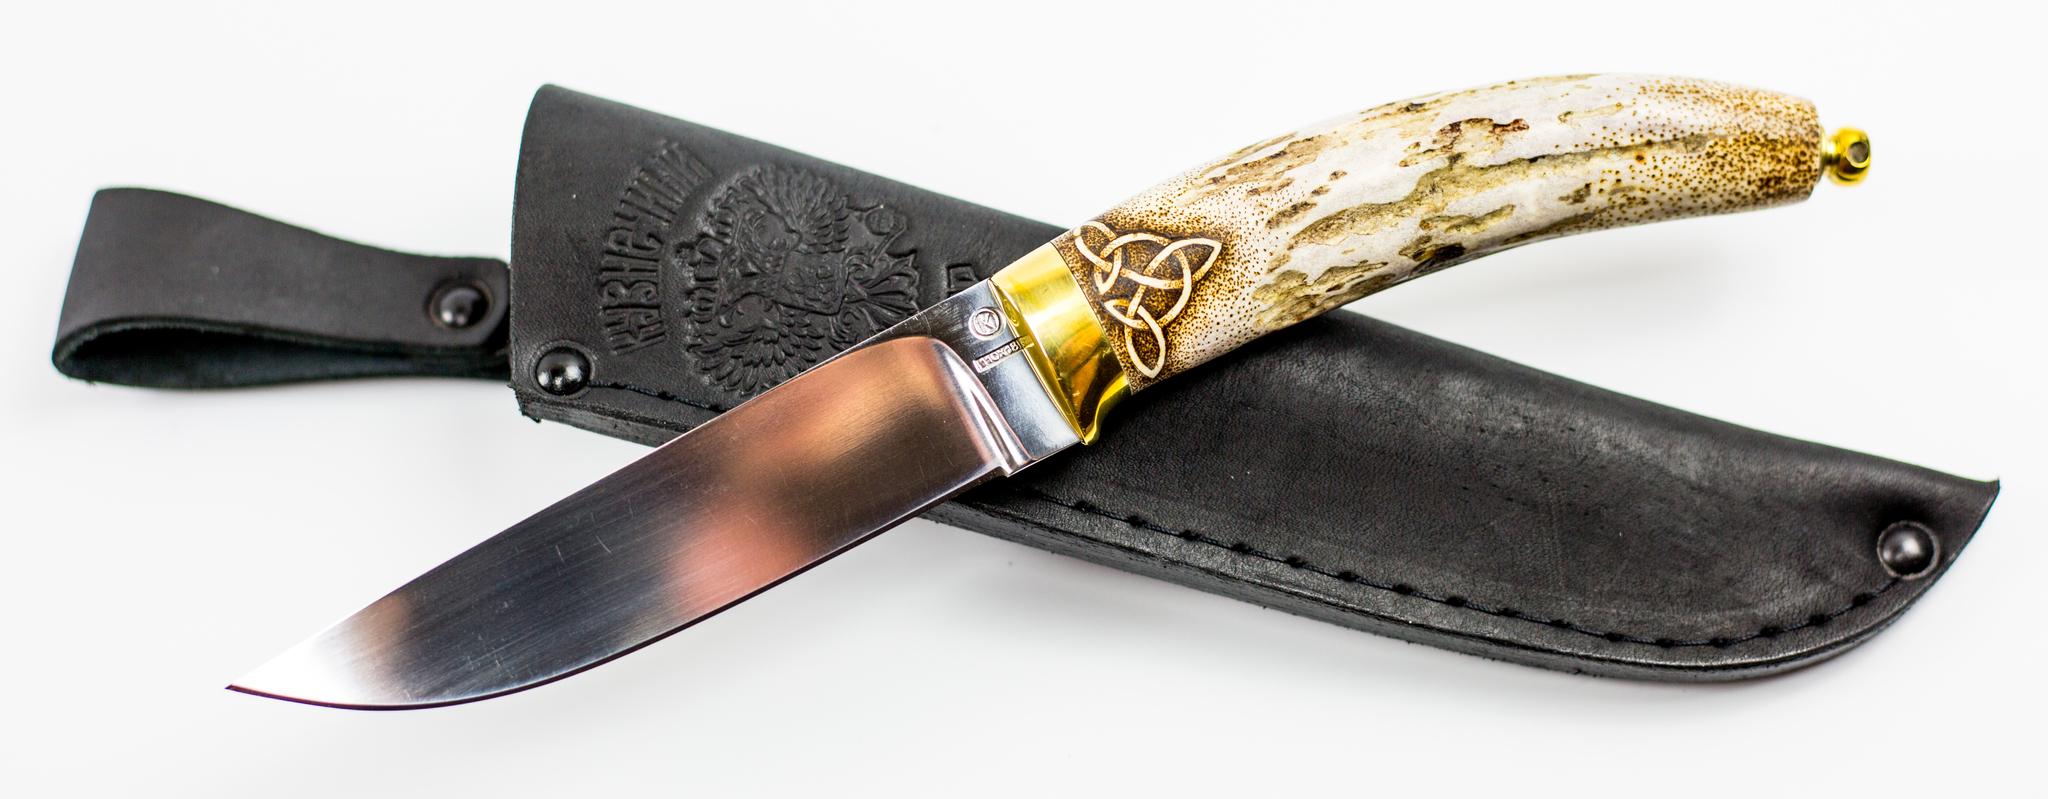 Фото 15 - Нож Грибник, сталь 110Х18, рукоять рог от Ножи Крутова